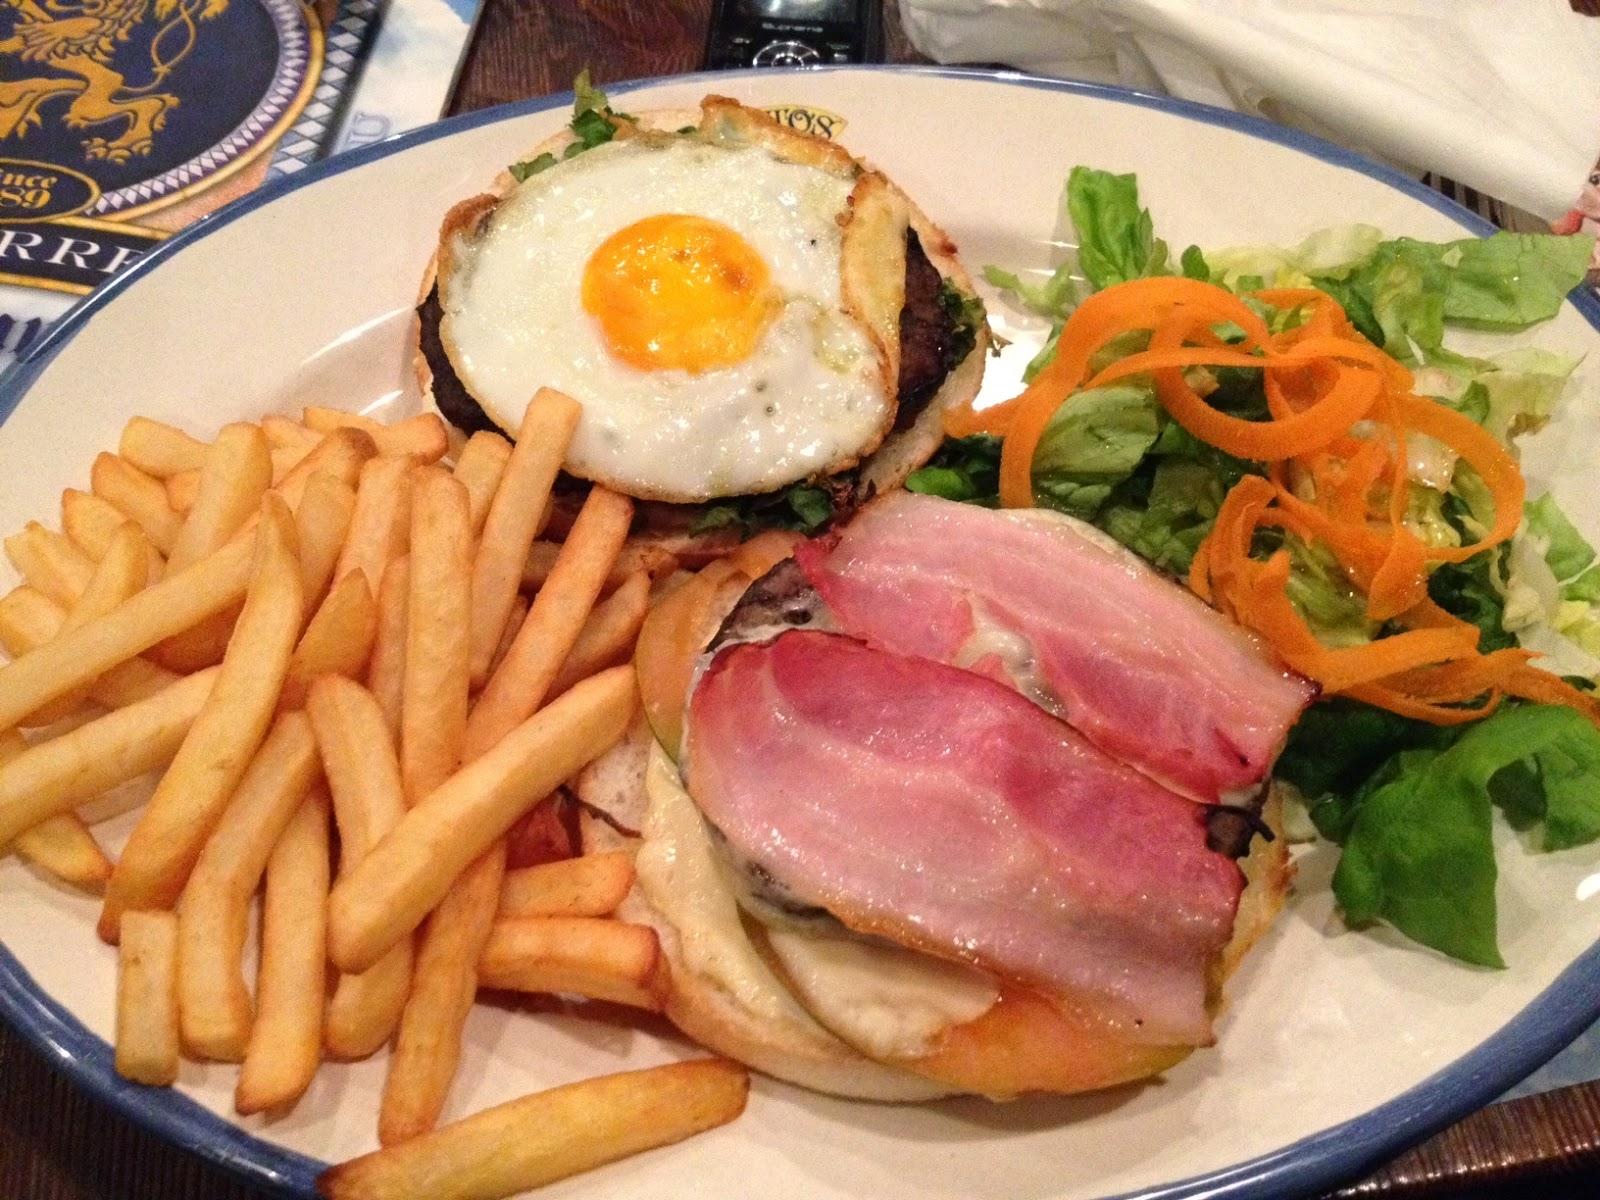 comida que consumida sin control engorda